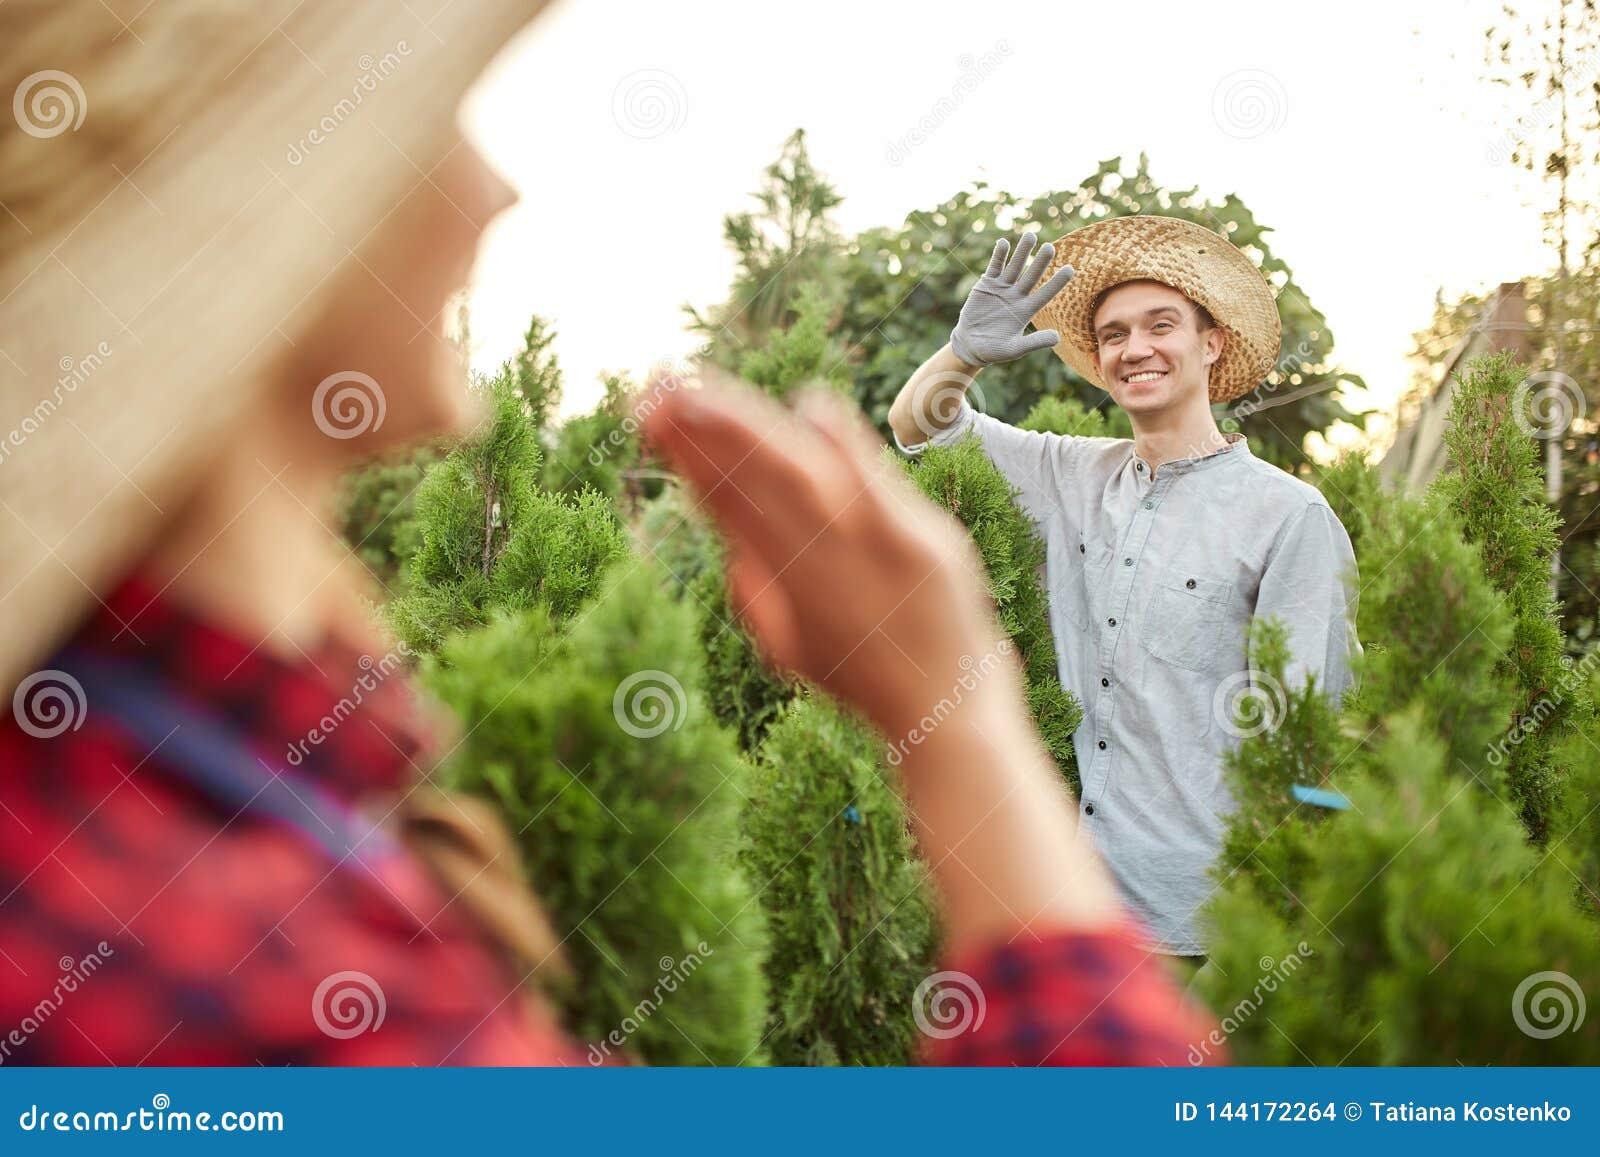 Faceta i dziewczyny ogrodniczki machają do siebie w ogródzie na ciepłym słonecznym dniu